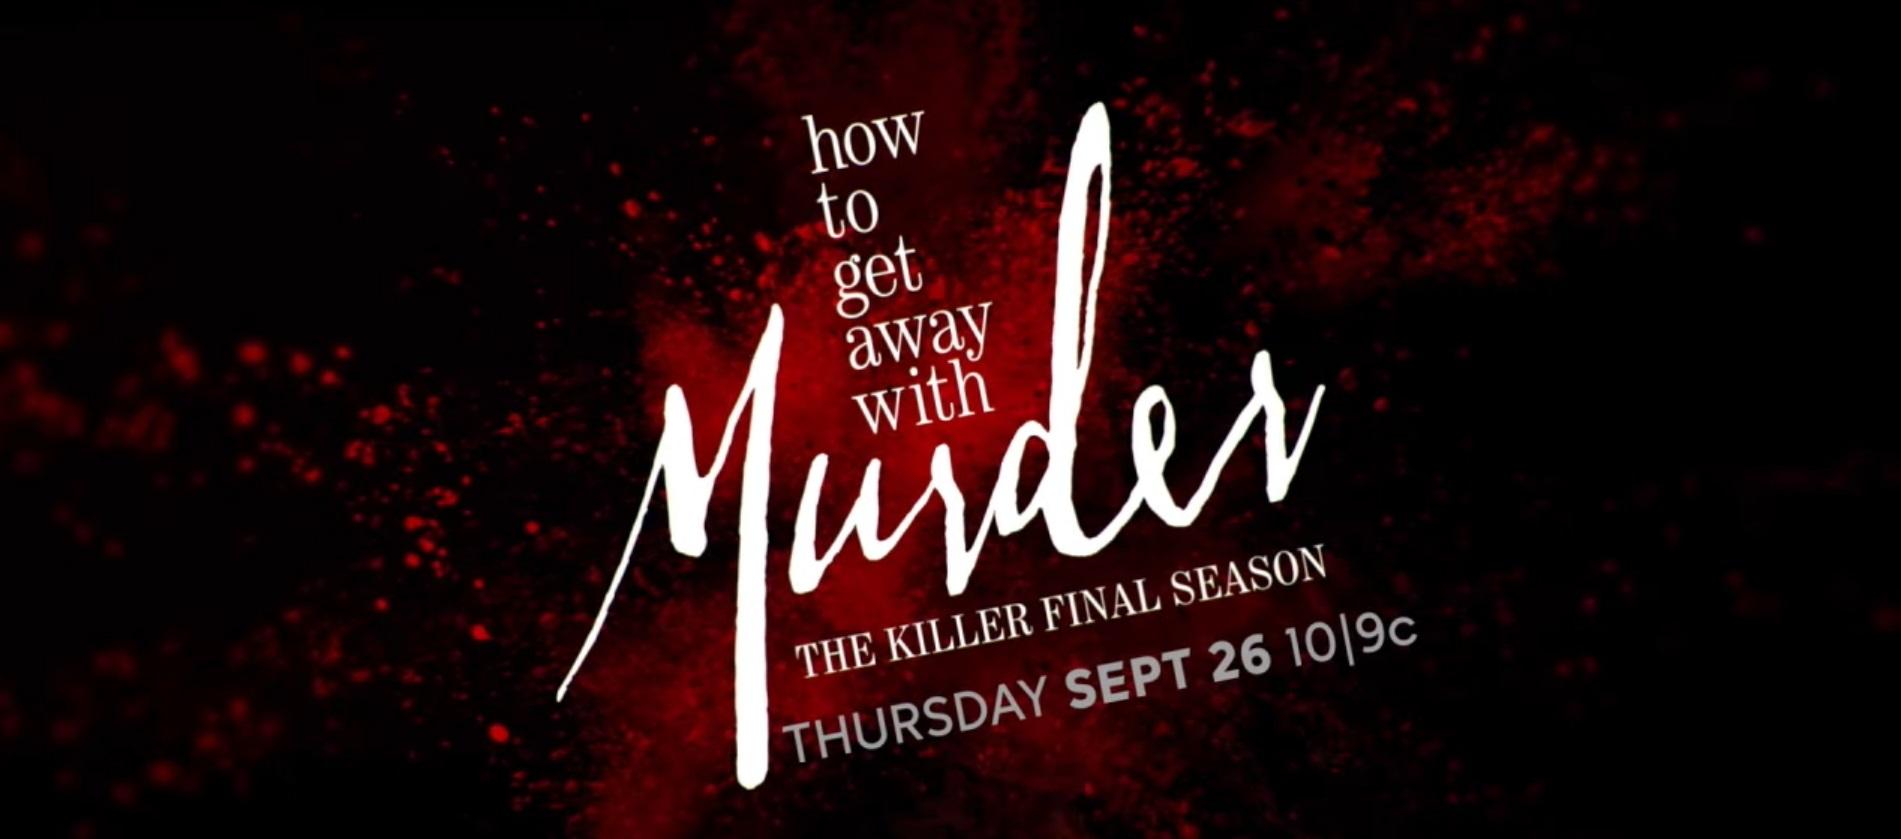 Sposób na morderstwo - koniec serialu. 6. sezon będzie ostatnim